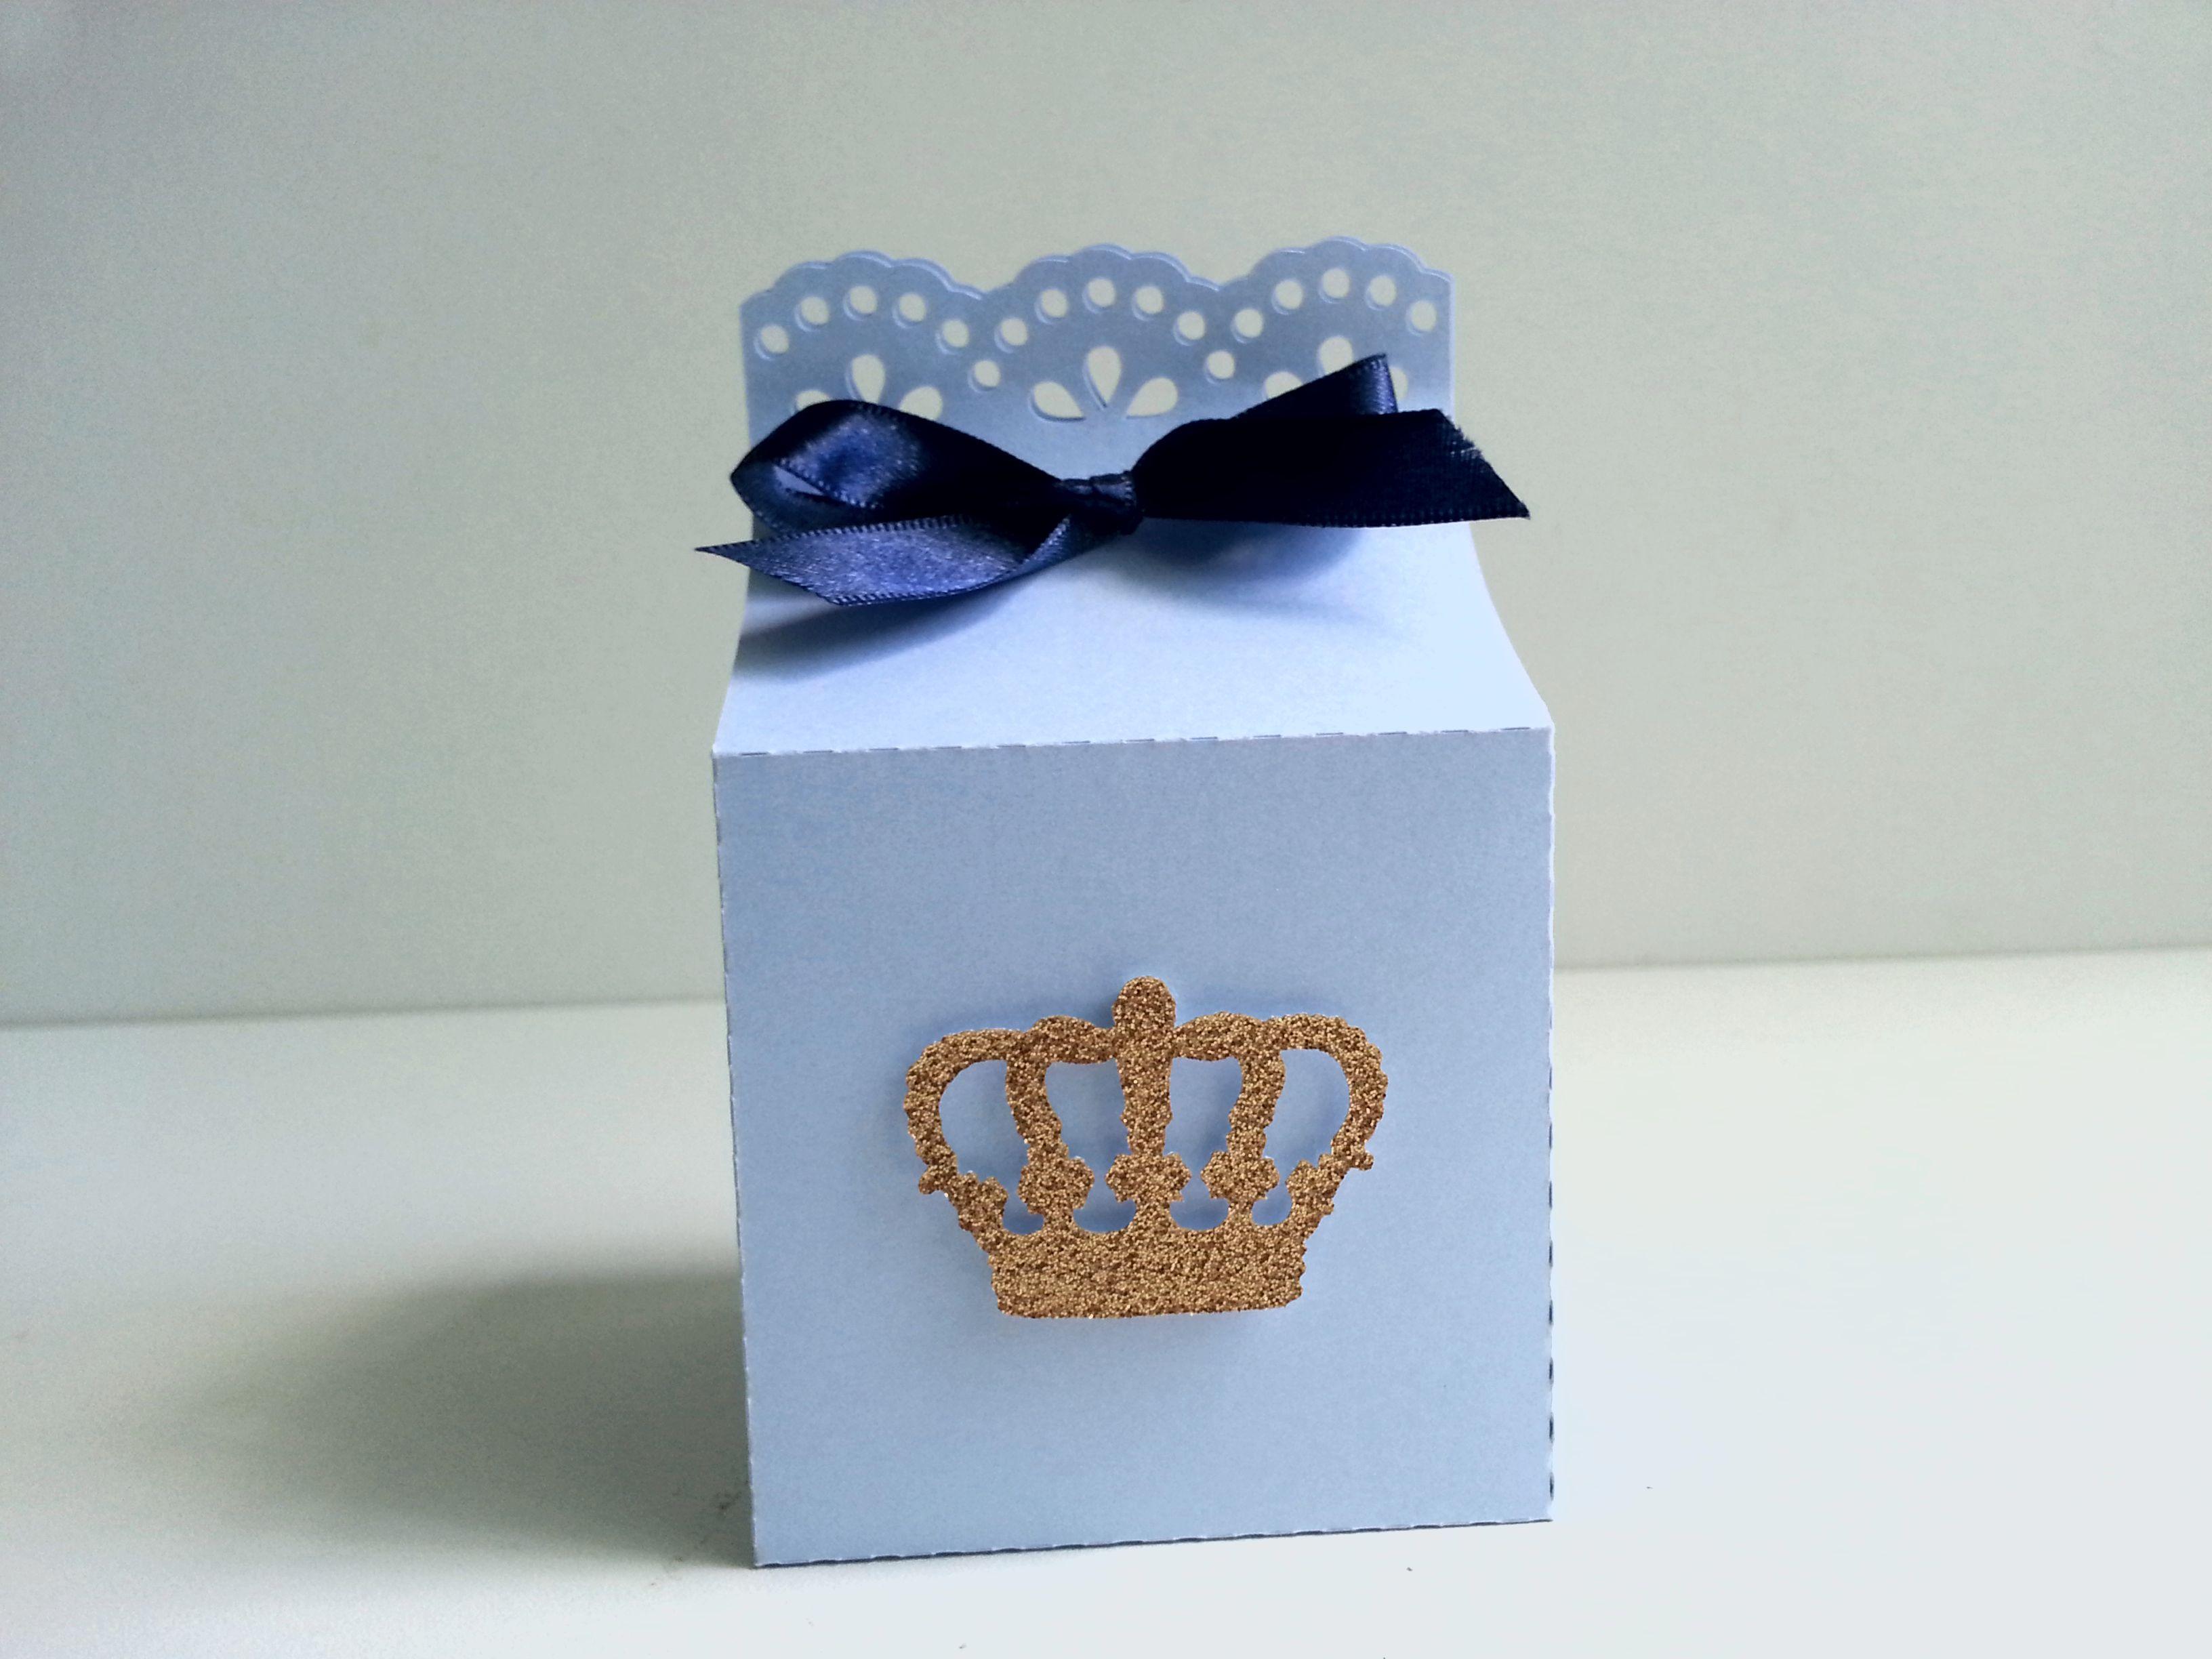 Primeiro aninho do príncipe Pedro 💙 #coroa #principe #atelieassimsim  #aguaourofino #realeza